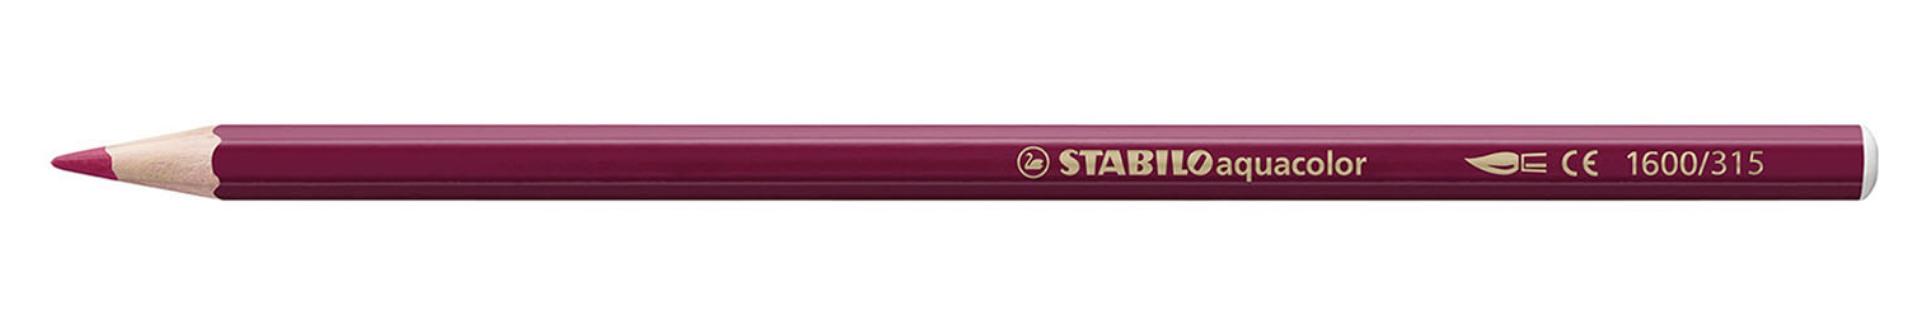 Stabilo Aquacolor